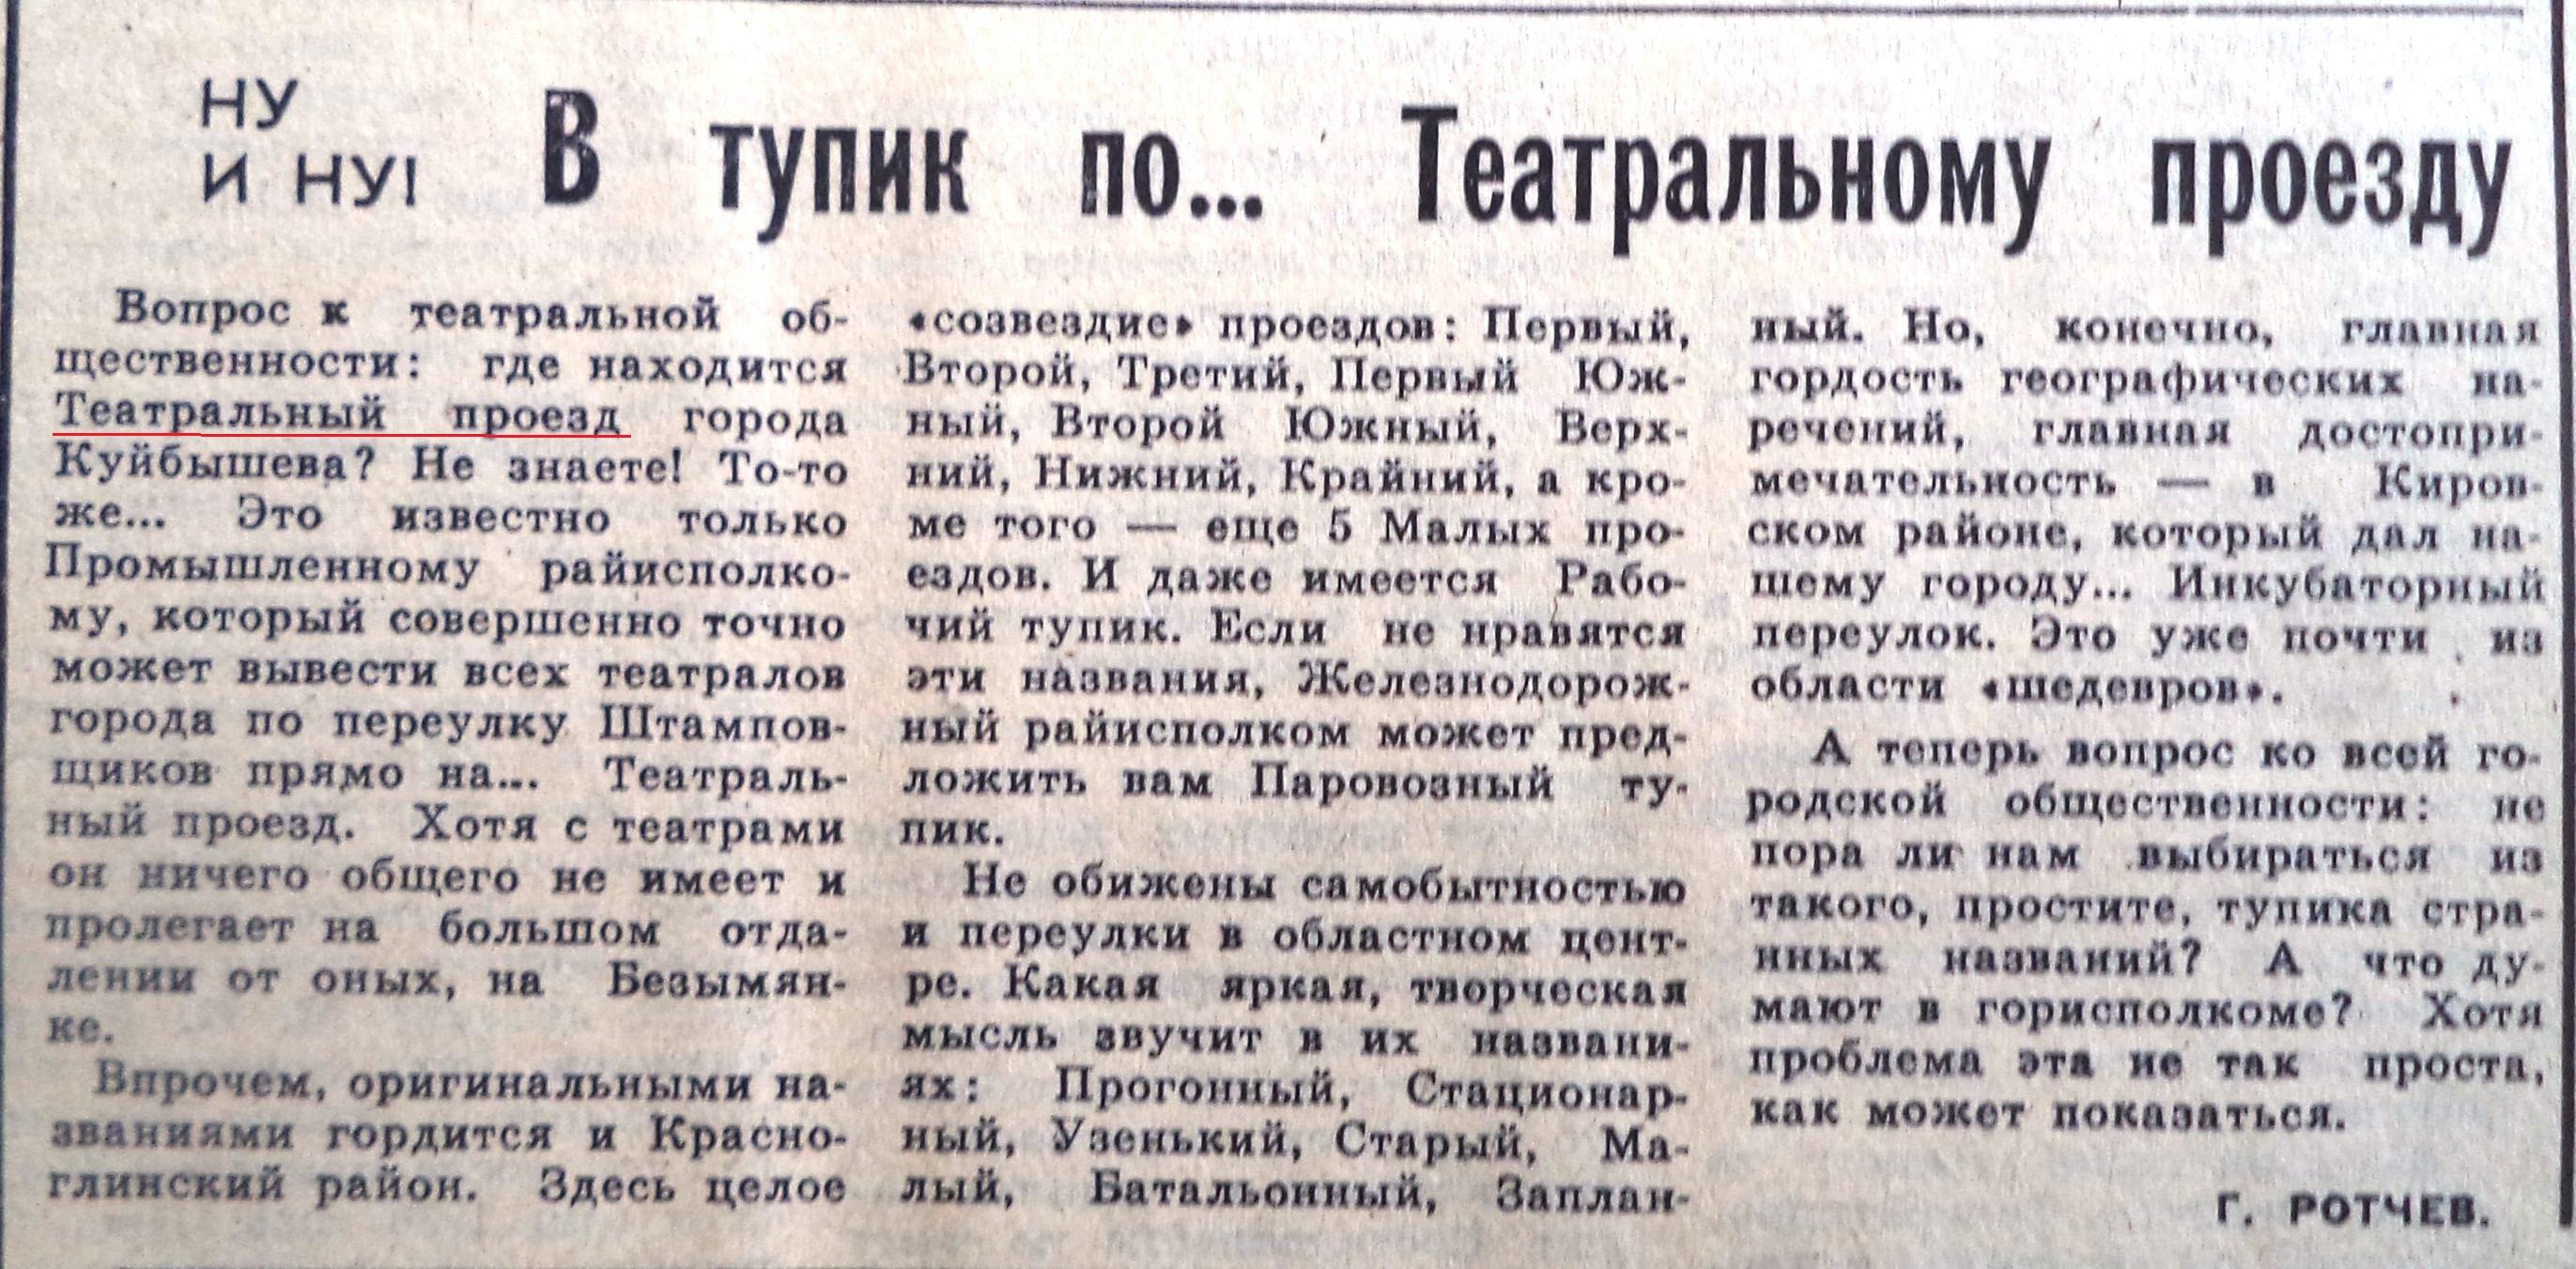 Театральный-ФОТО-05-ВКа-1989-12-23